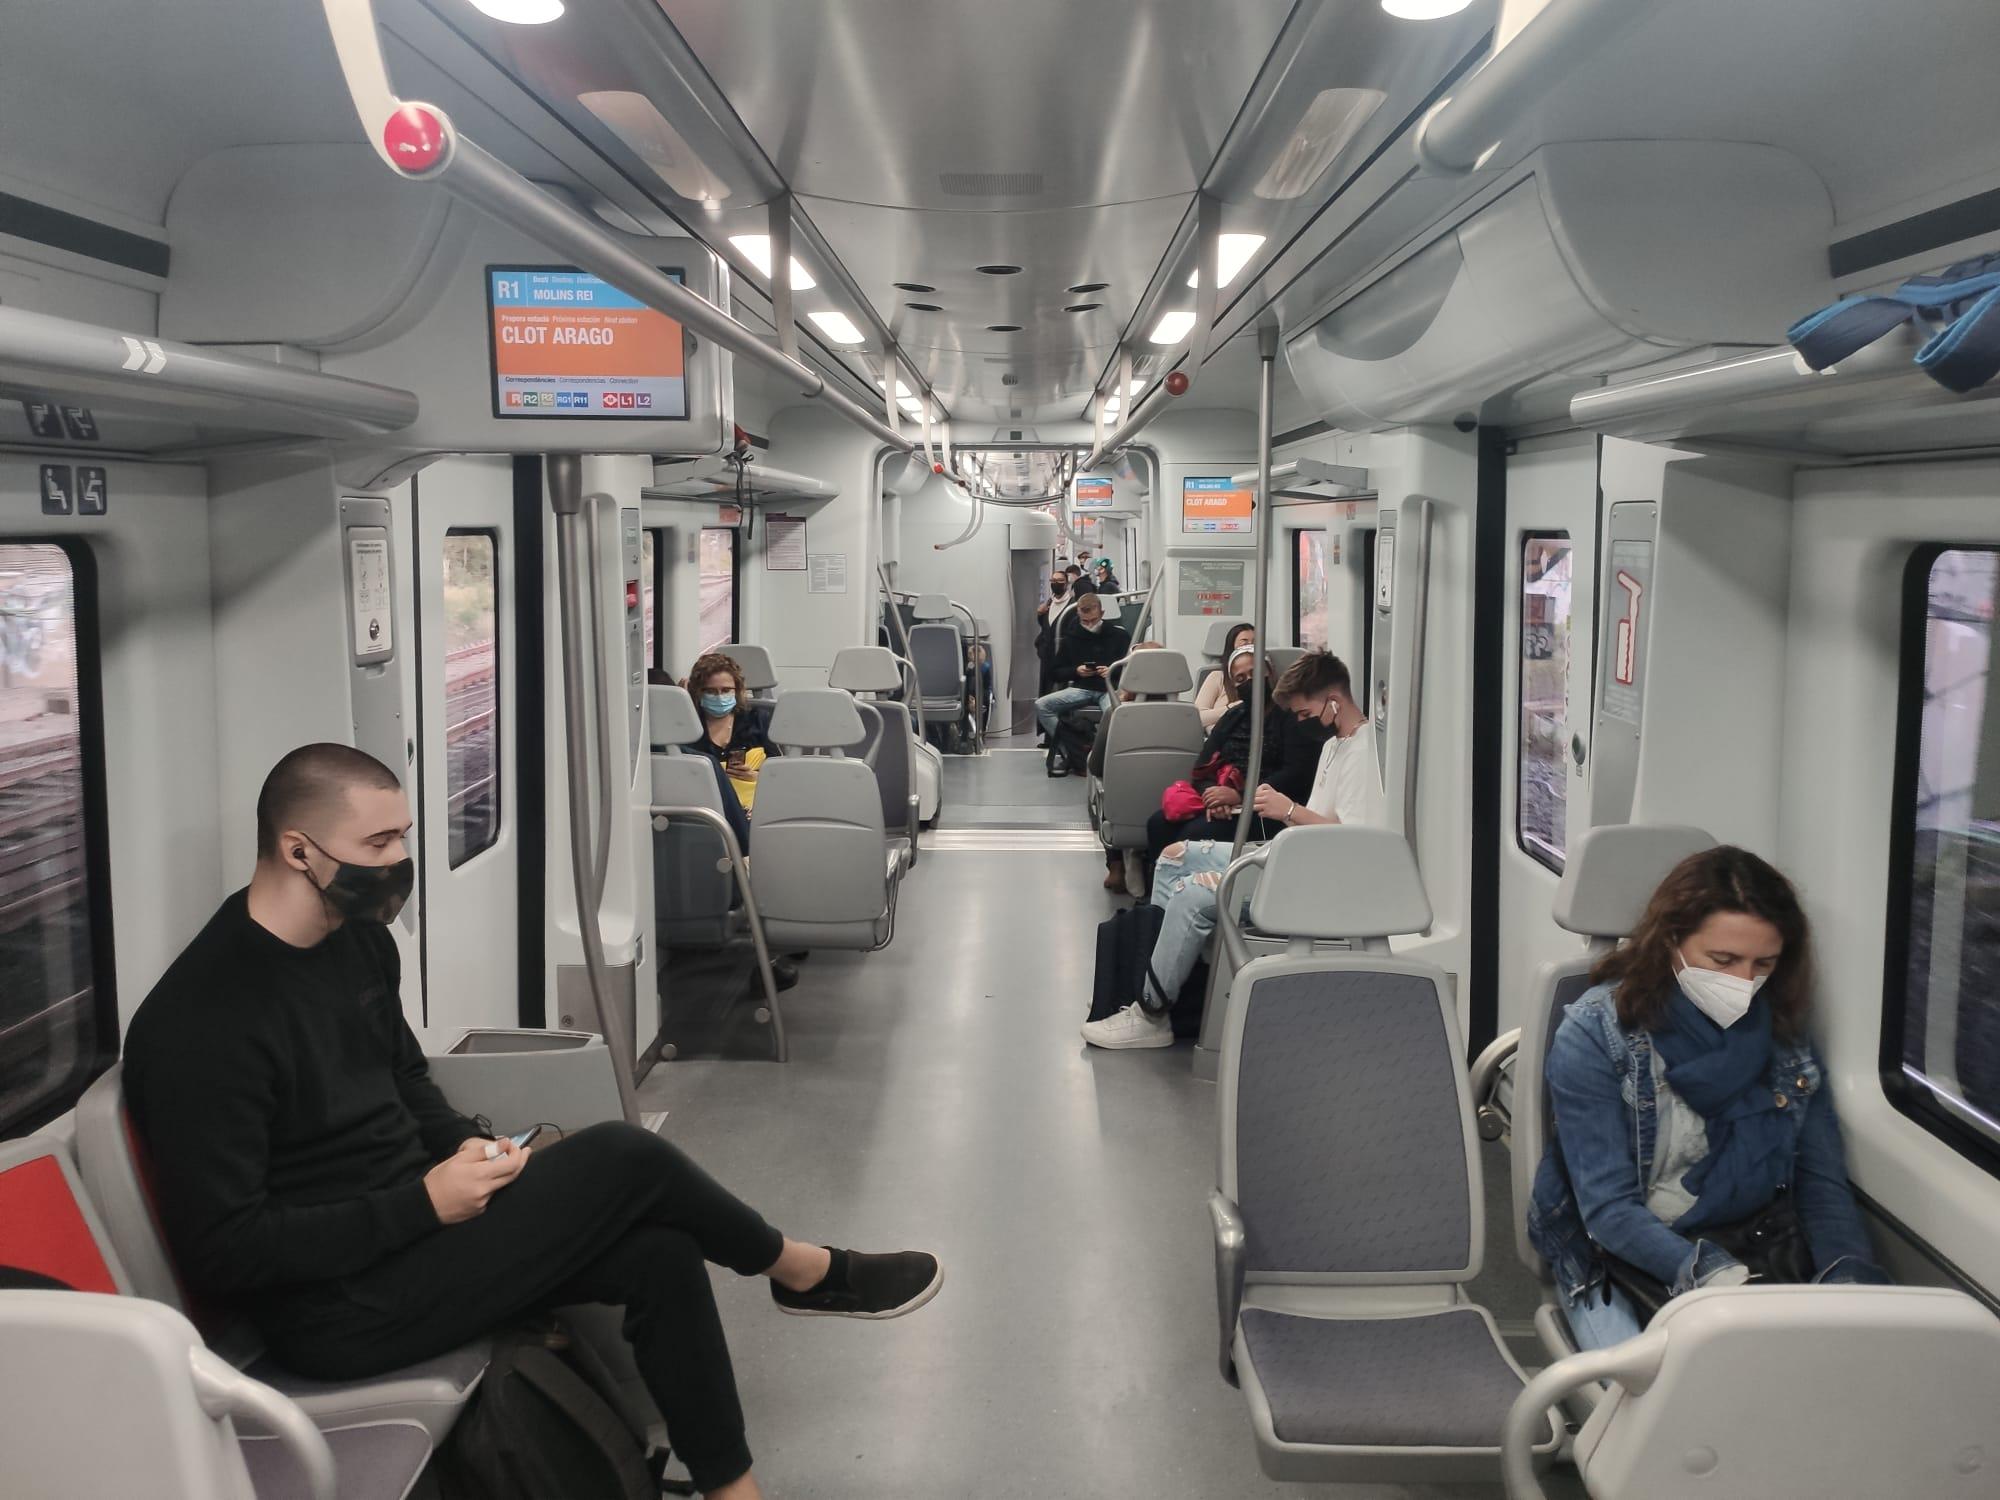 Tren de Rodalies de la línia del Maresme, mig buit després de dies de vaga, el primer dia que es compleixen els serveis mínims / Marc Solanes